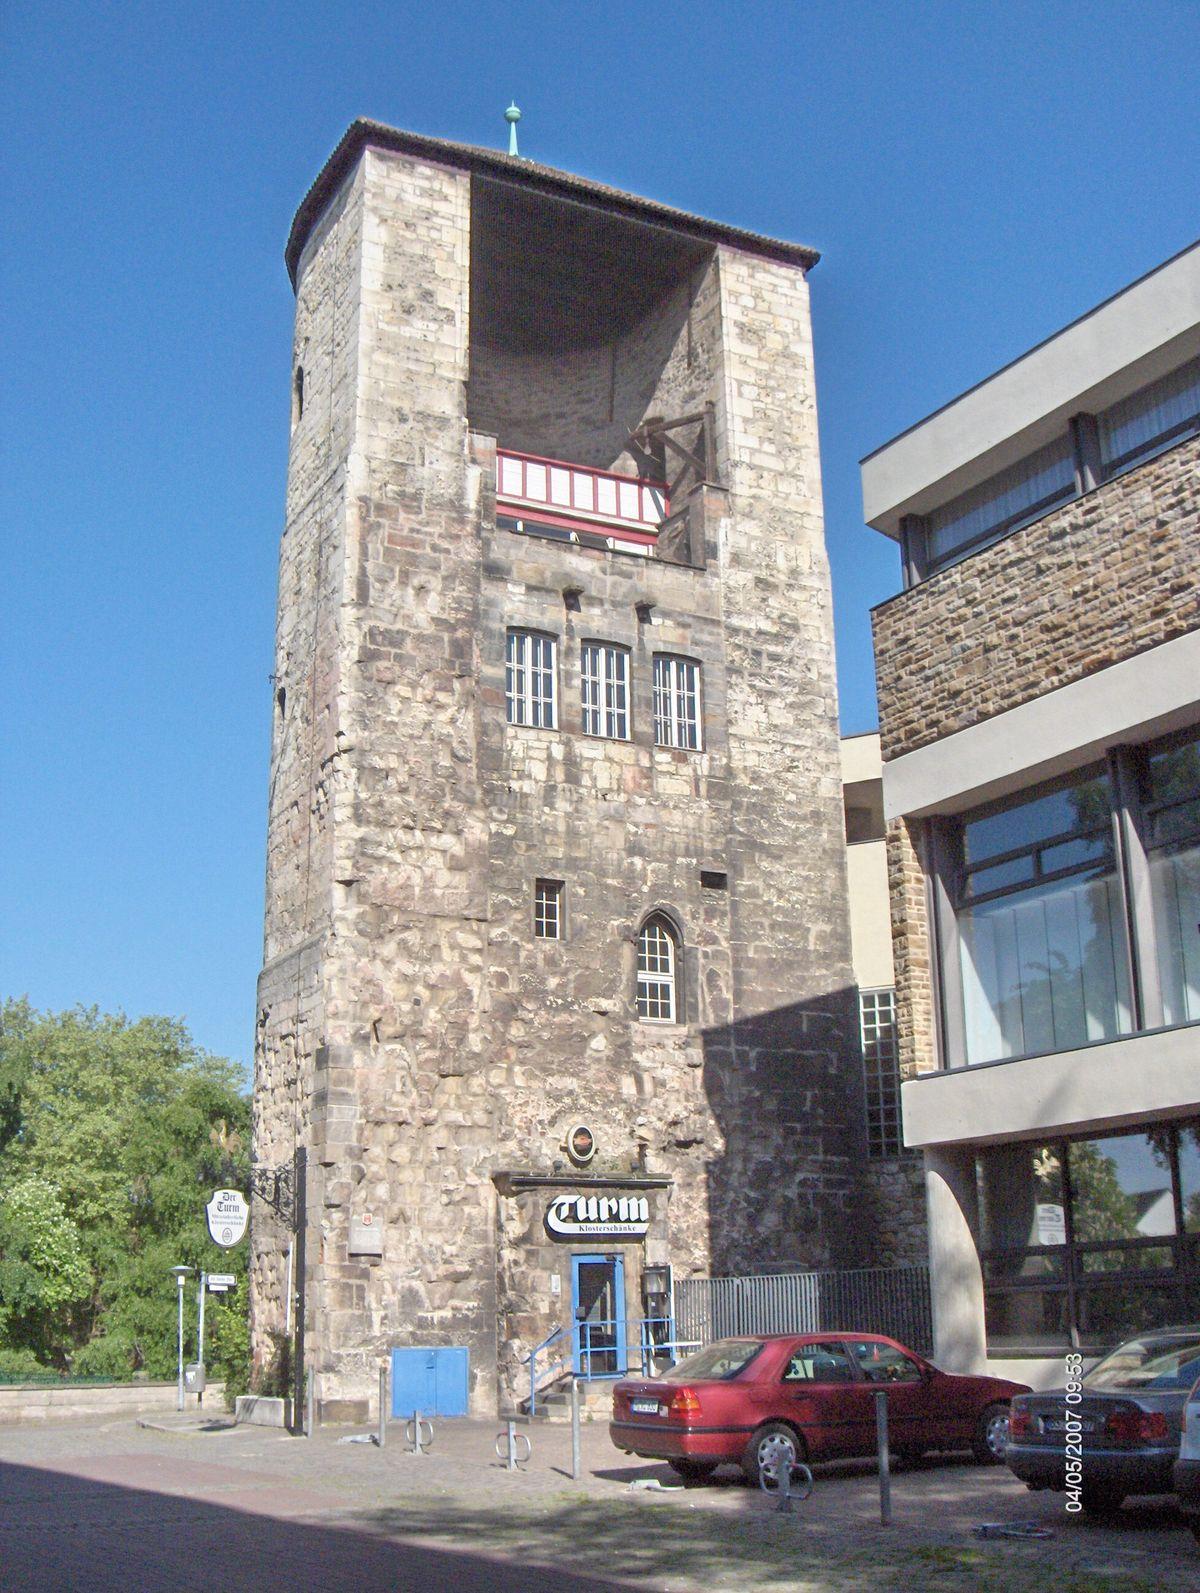 Beginenturm, Hannover